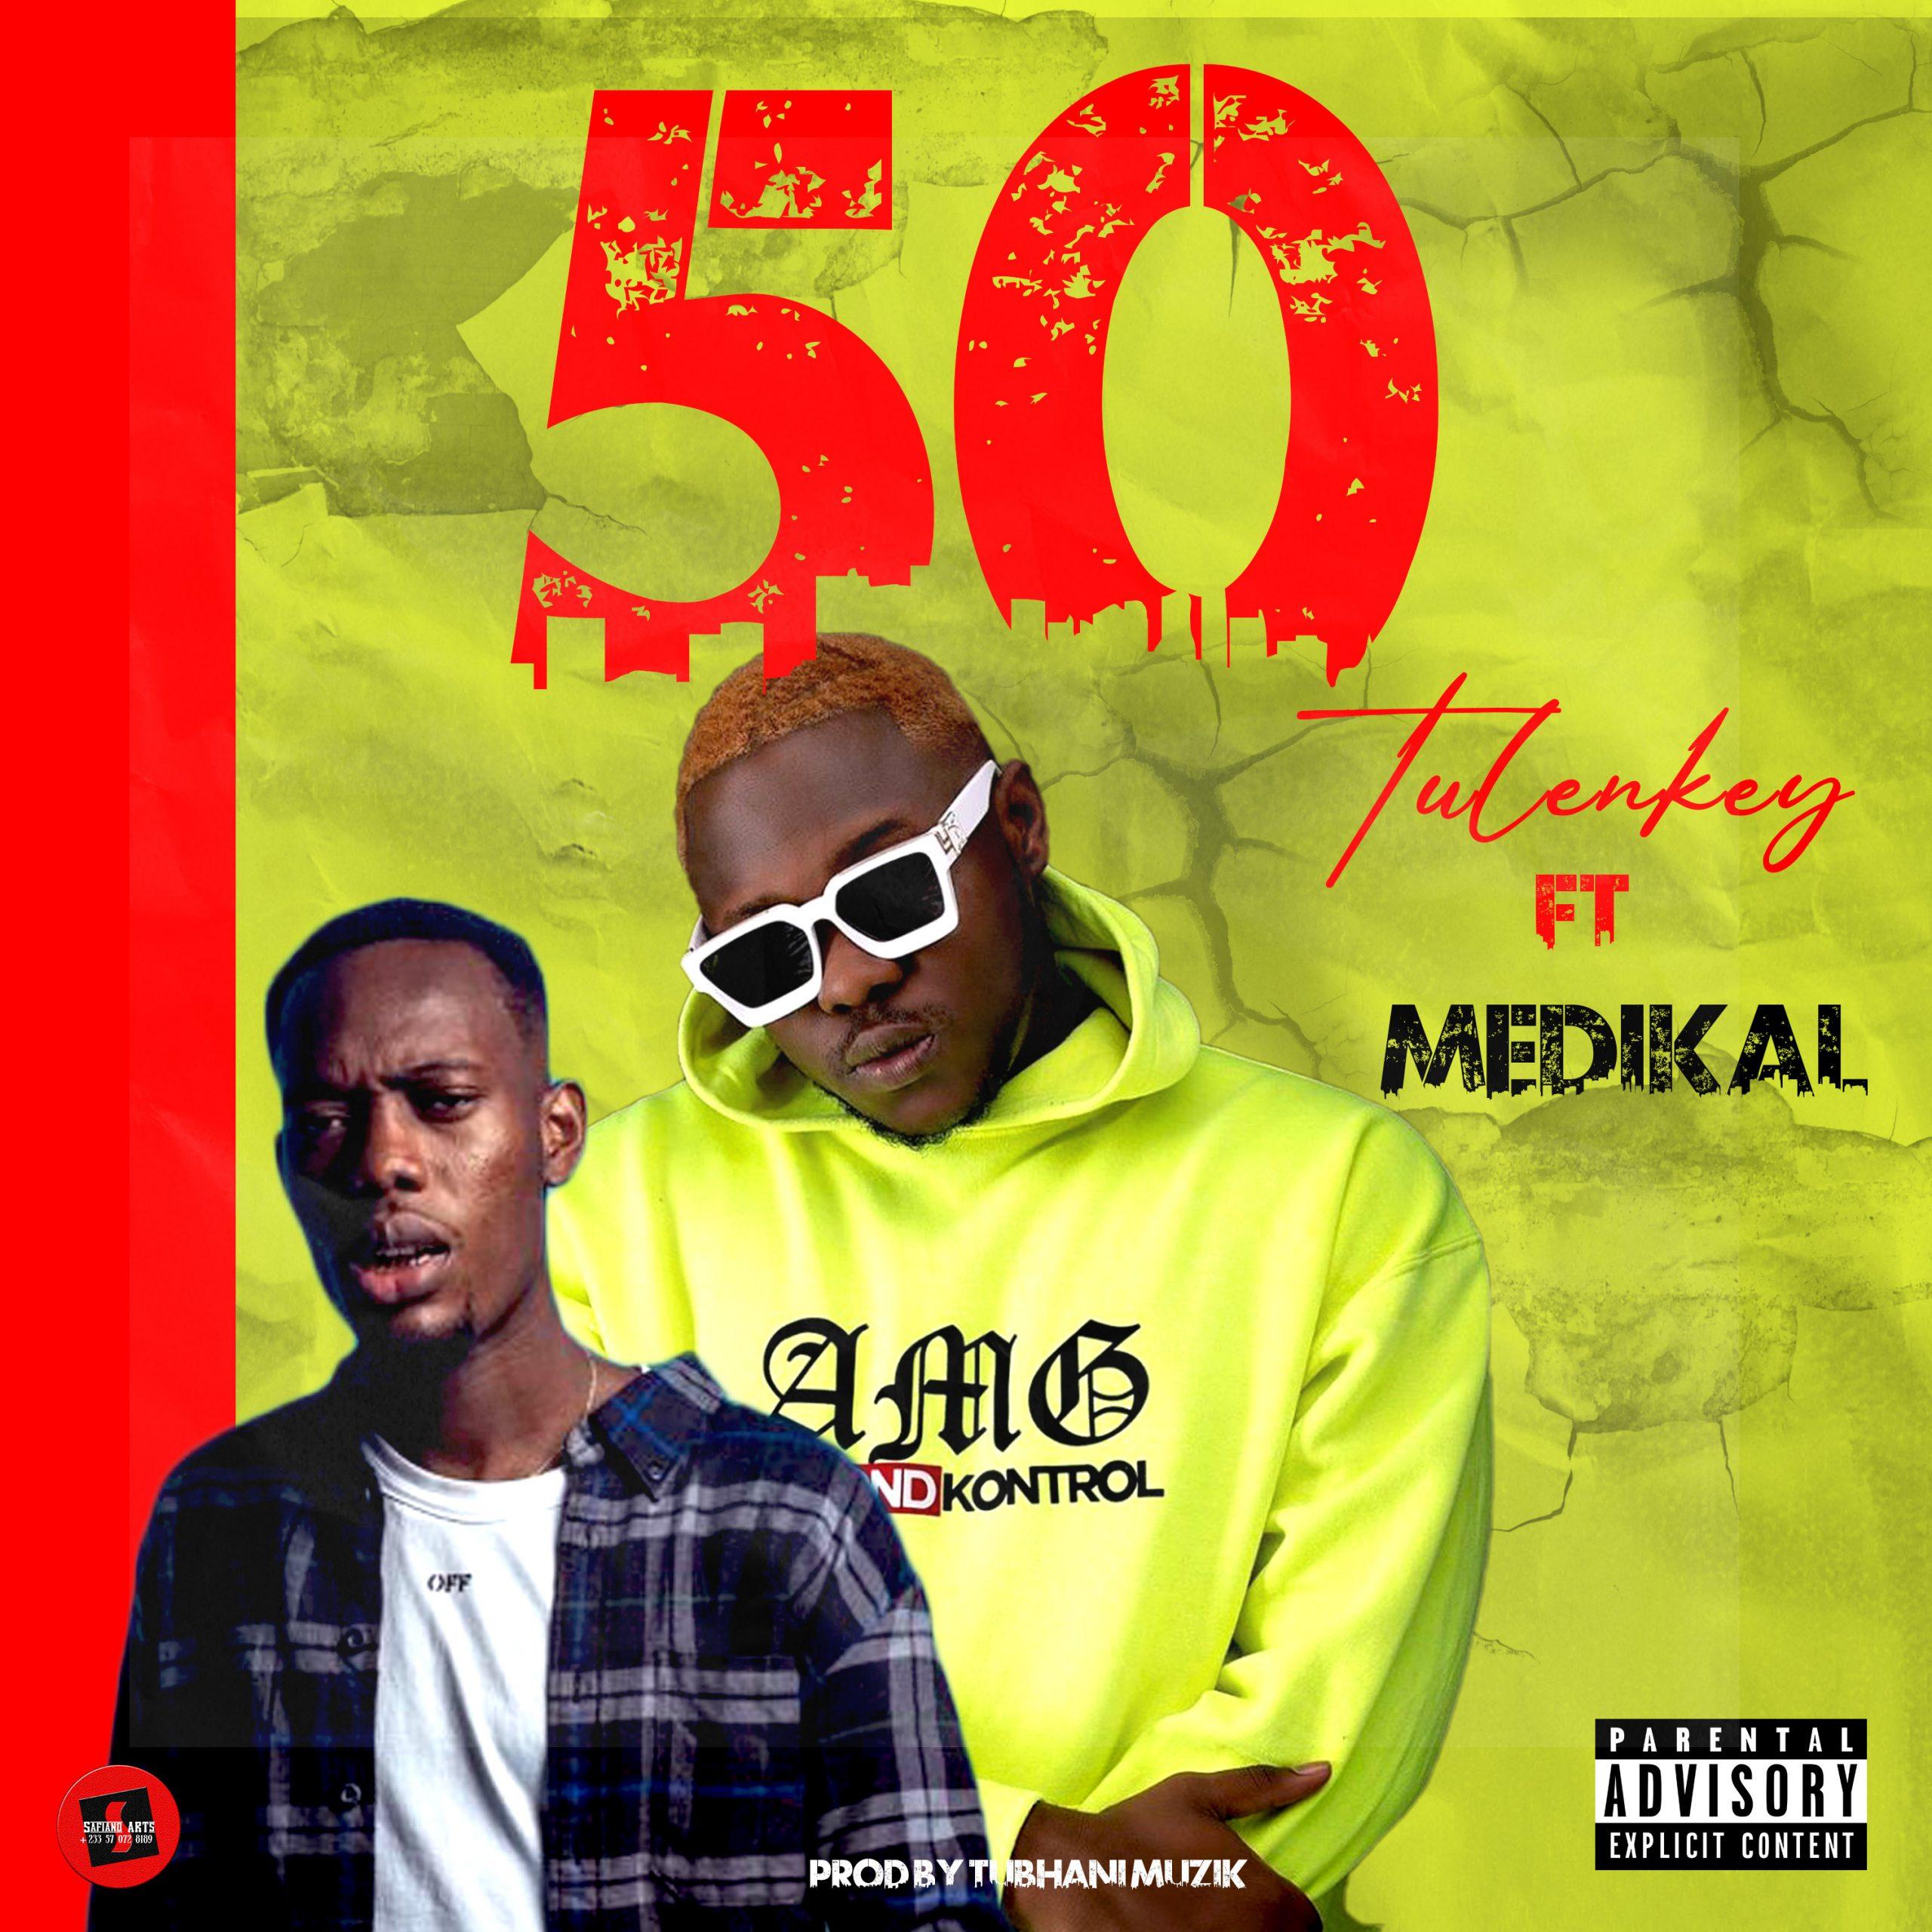 Tulenkey ft Medikal – 50